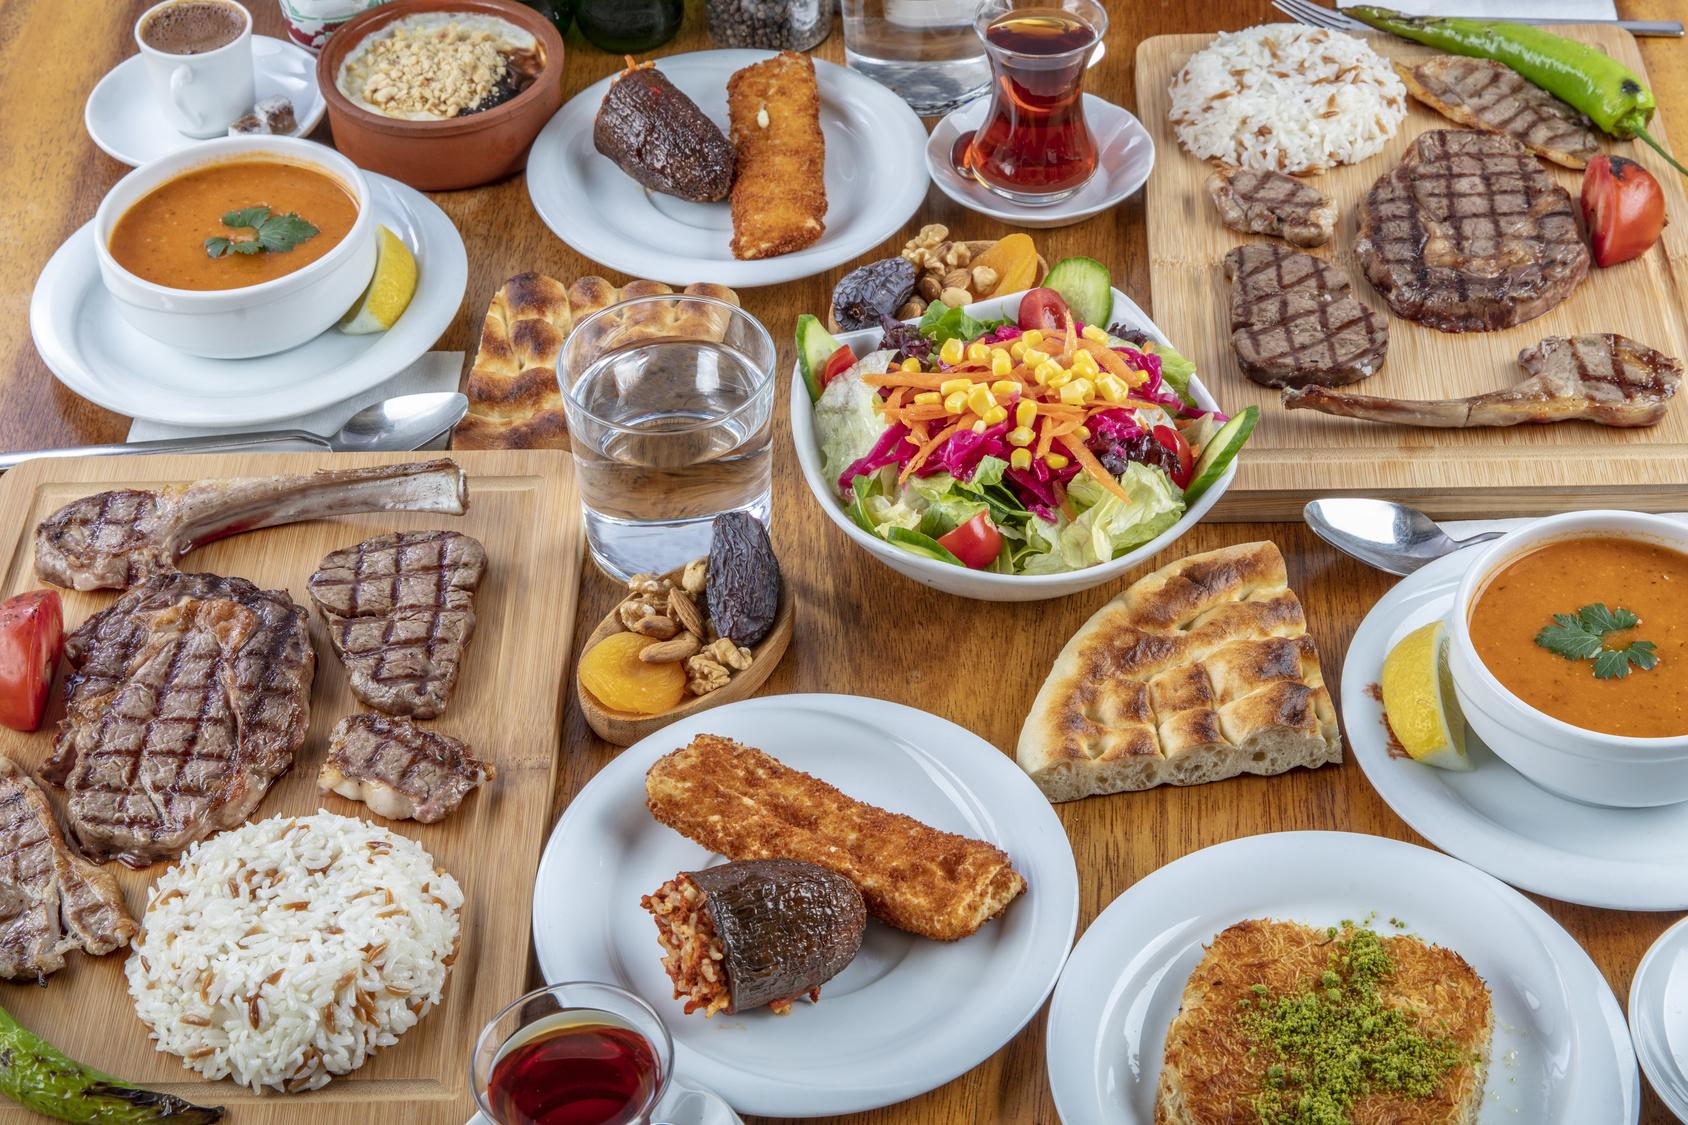 Yazı: Ramazan'da En Sık Yapılan Beslenme Hataları   Yazan: Dyt. Simay Ejderoğlu